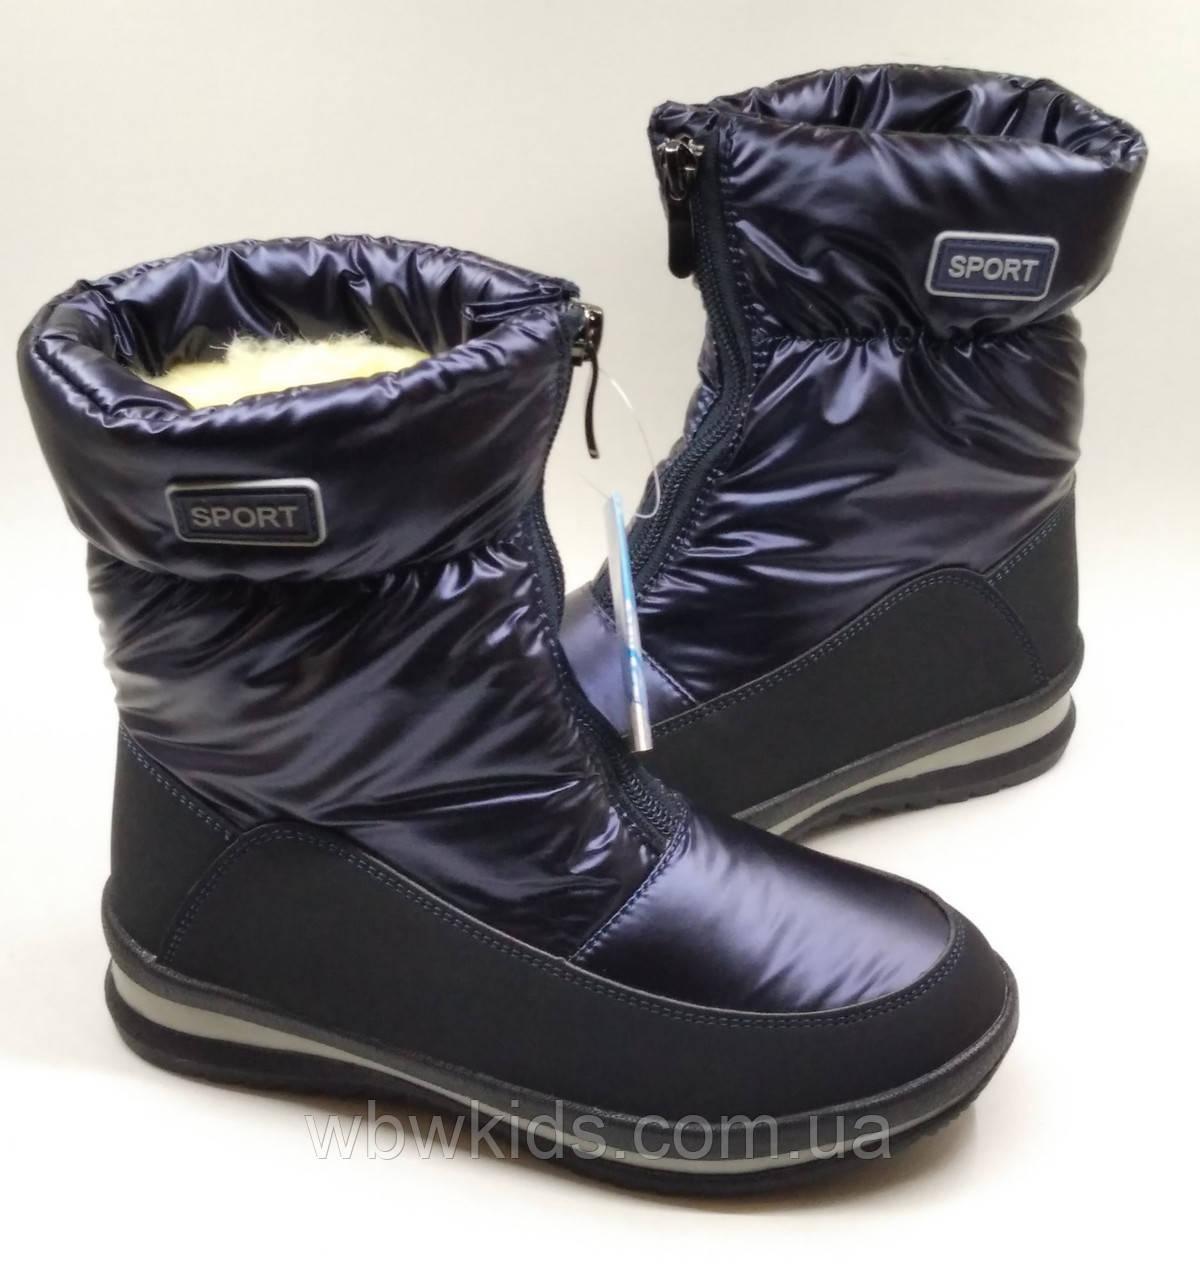 Зимние сапоги дутики  Weestep R292958042DB темно-синие для девочки р.37